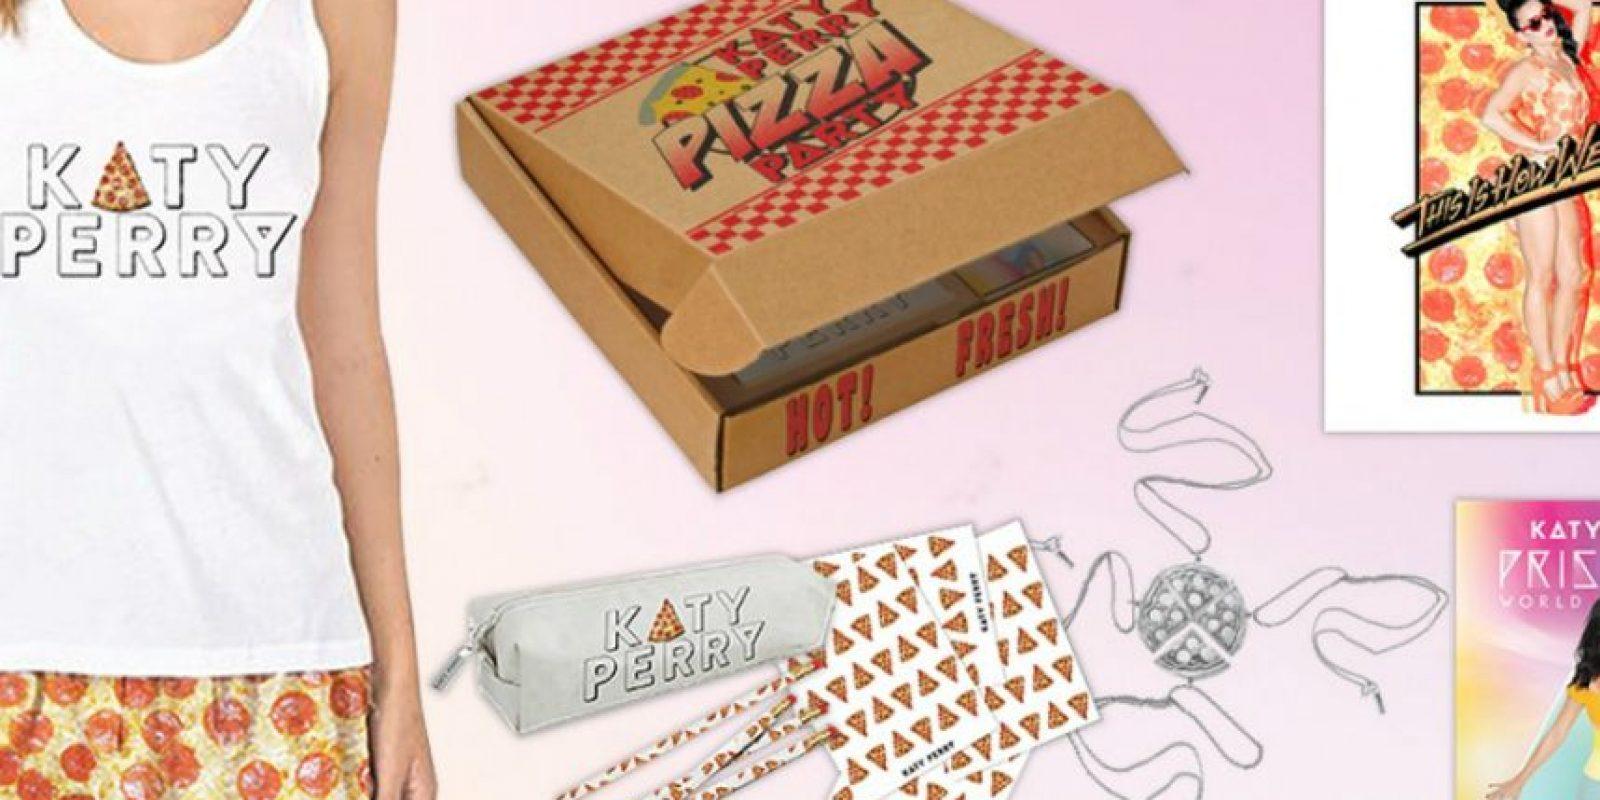 Este paquete tiene un costo de 145 dólares Foto:ww.katyperry.com